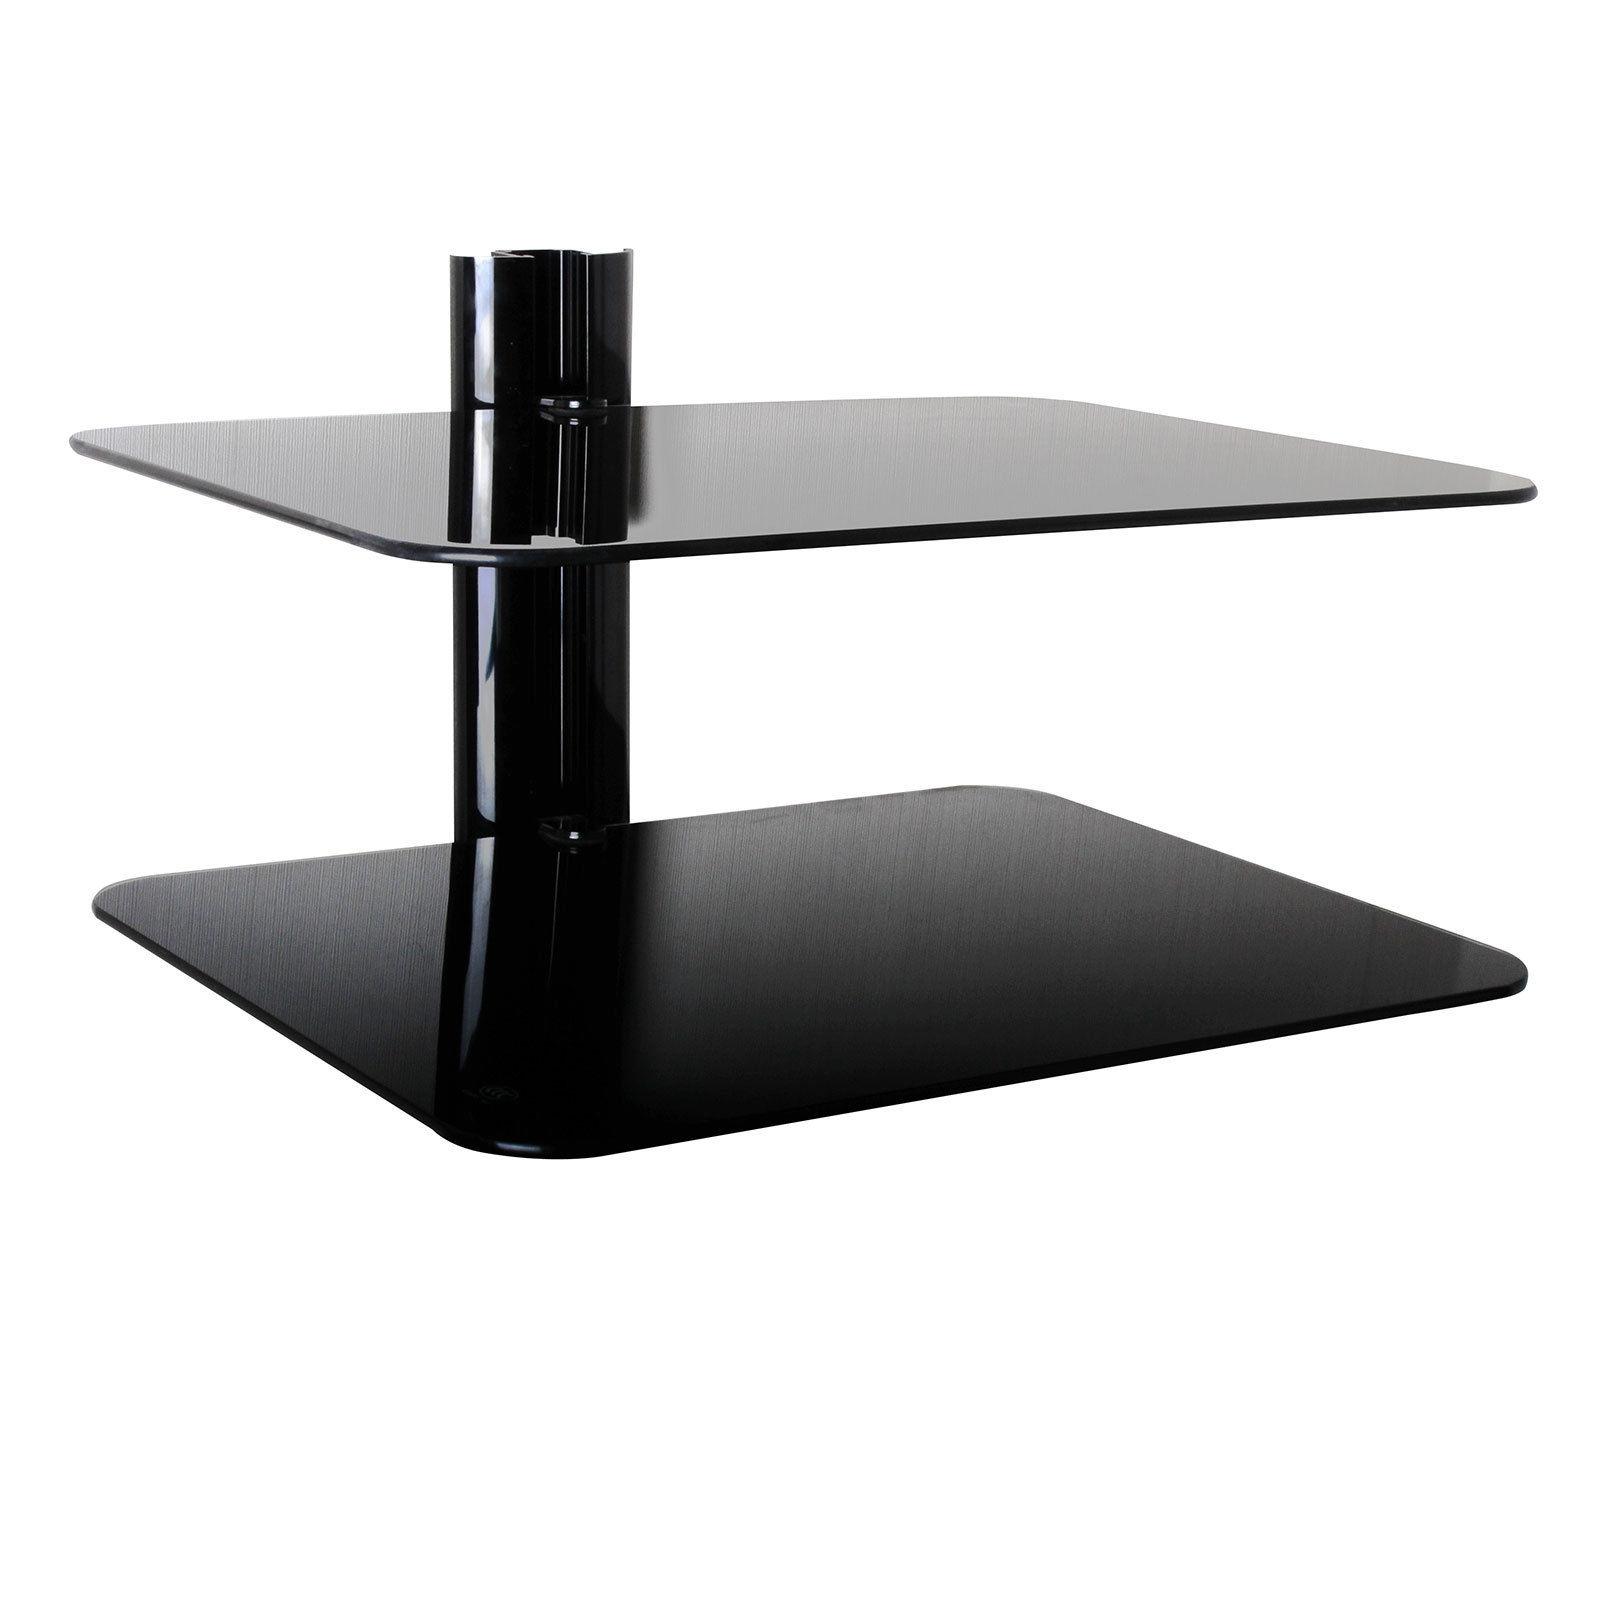 Triple Glass Av Shelving System Inside Black Glass Shelves Wall Mounted (Image 10 of 15)